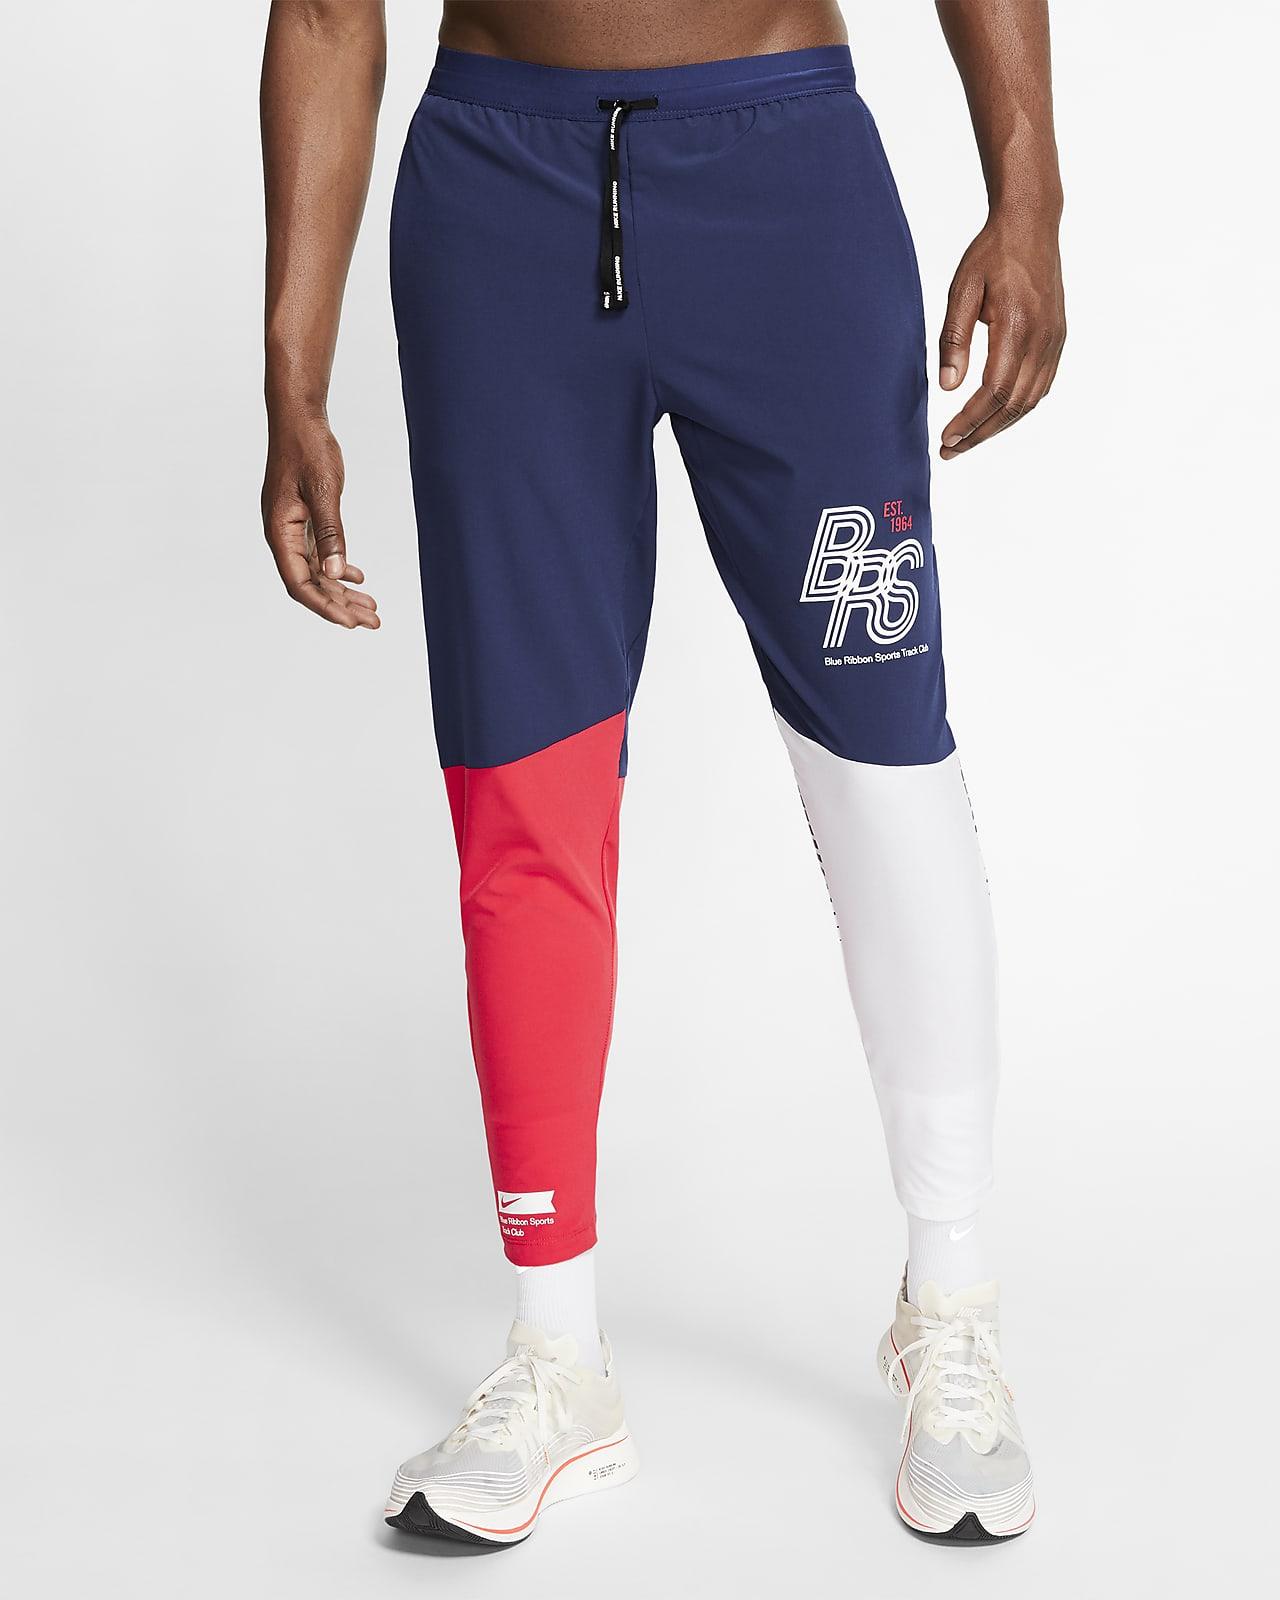 barbiere successore per favore non farlo  Pantaloni da running Nike Blue Ribbon Sports. Nike CH